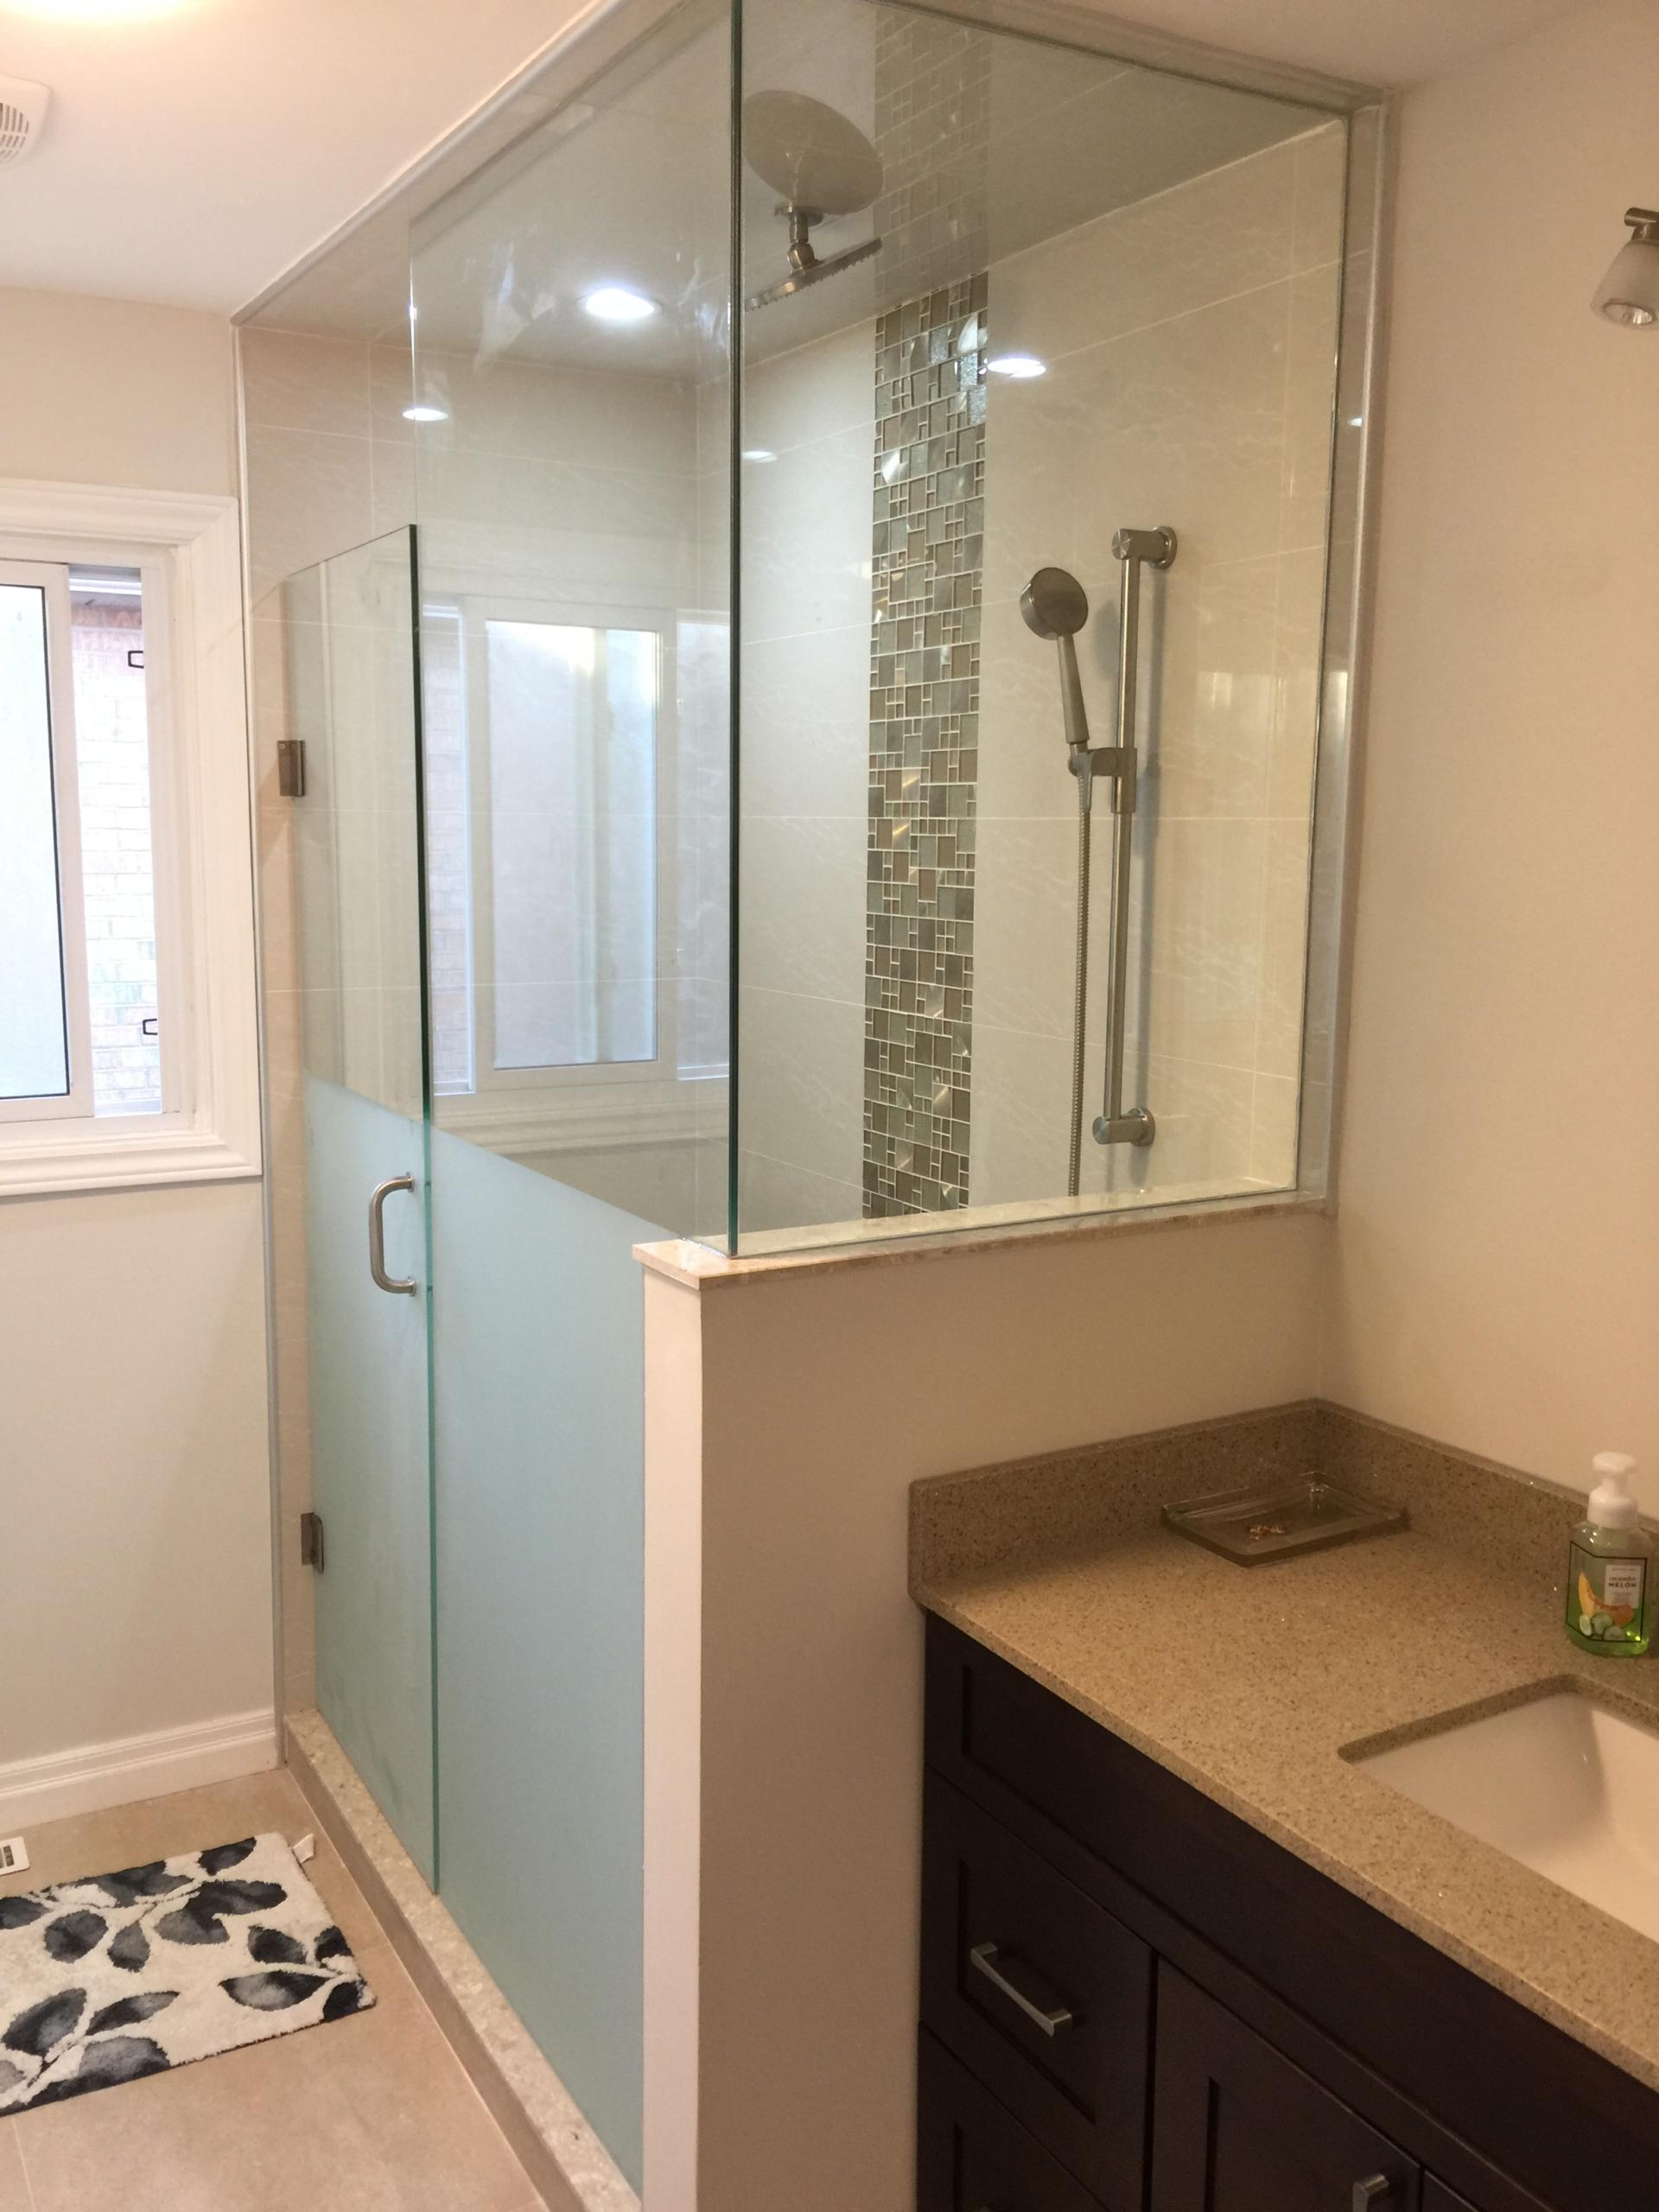 Bathroom Refacing - Baige(5)